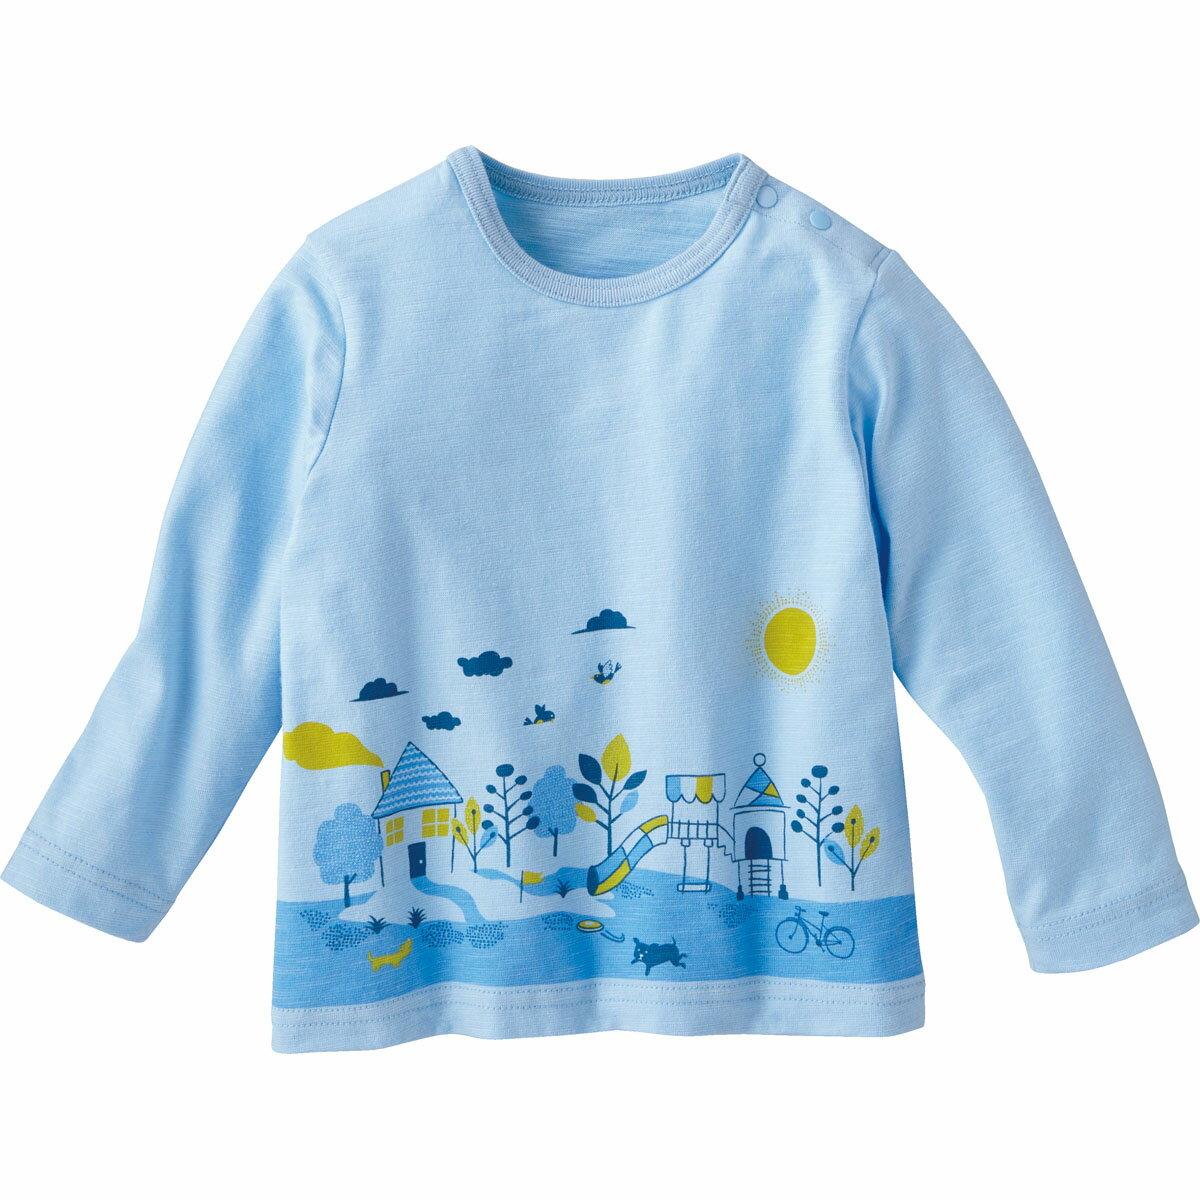 【40%OFF】Tシャツ(パーク){男の子 女の子}《コンビミニ》ギフト ベビー服 子供服 Combi miniTシャツ(パーク)